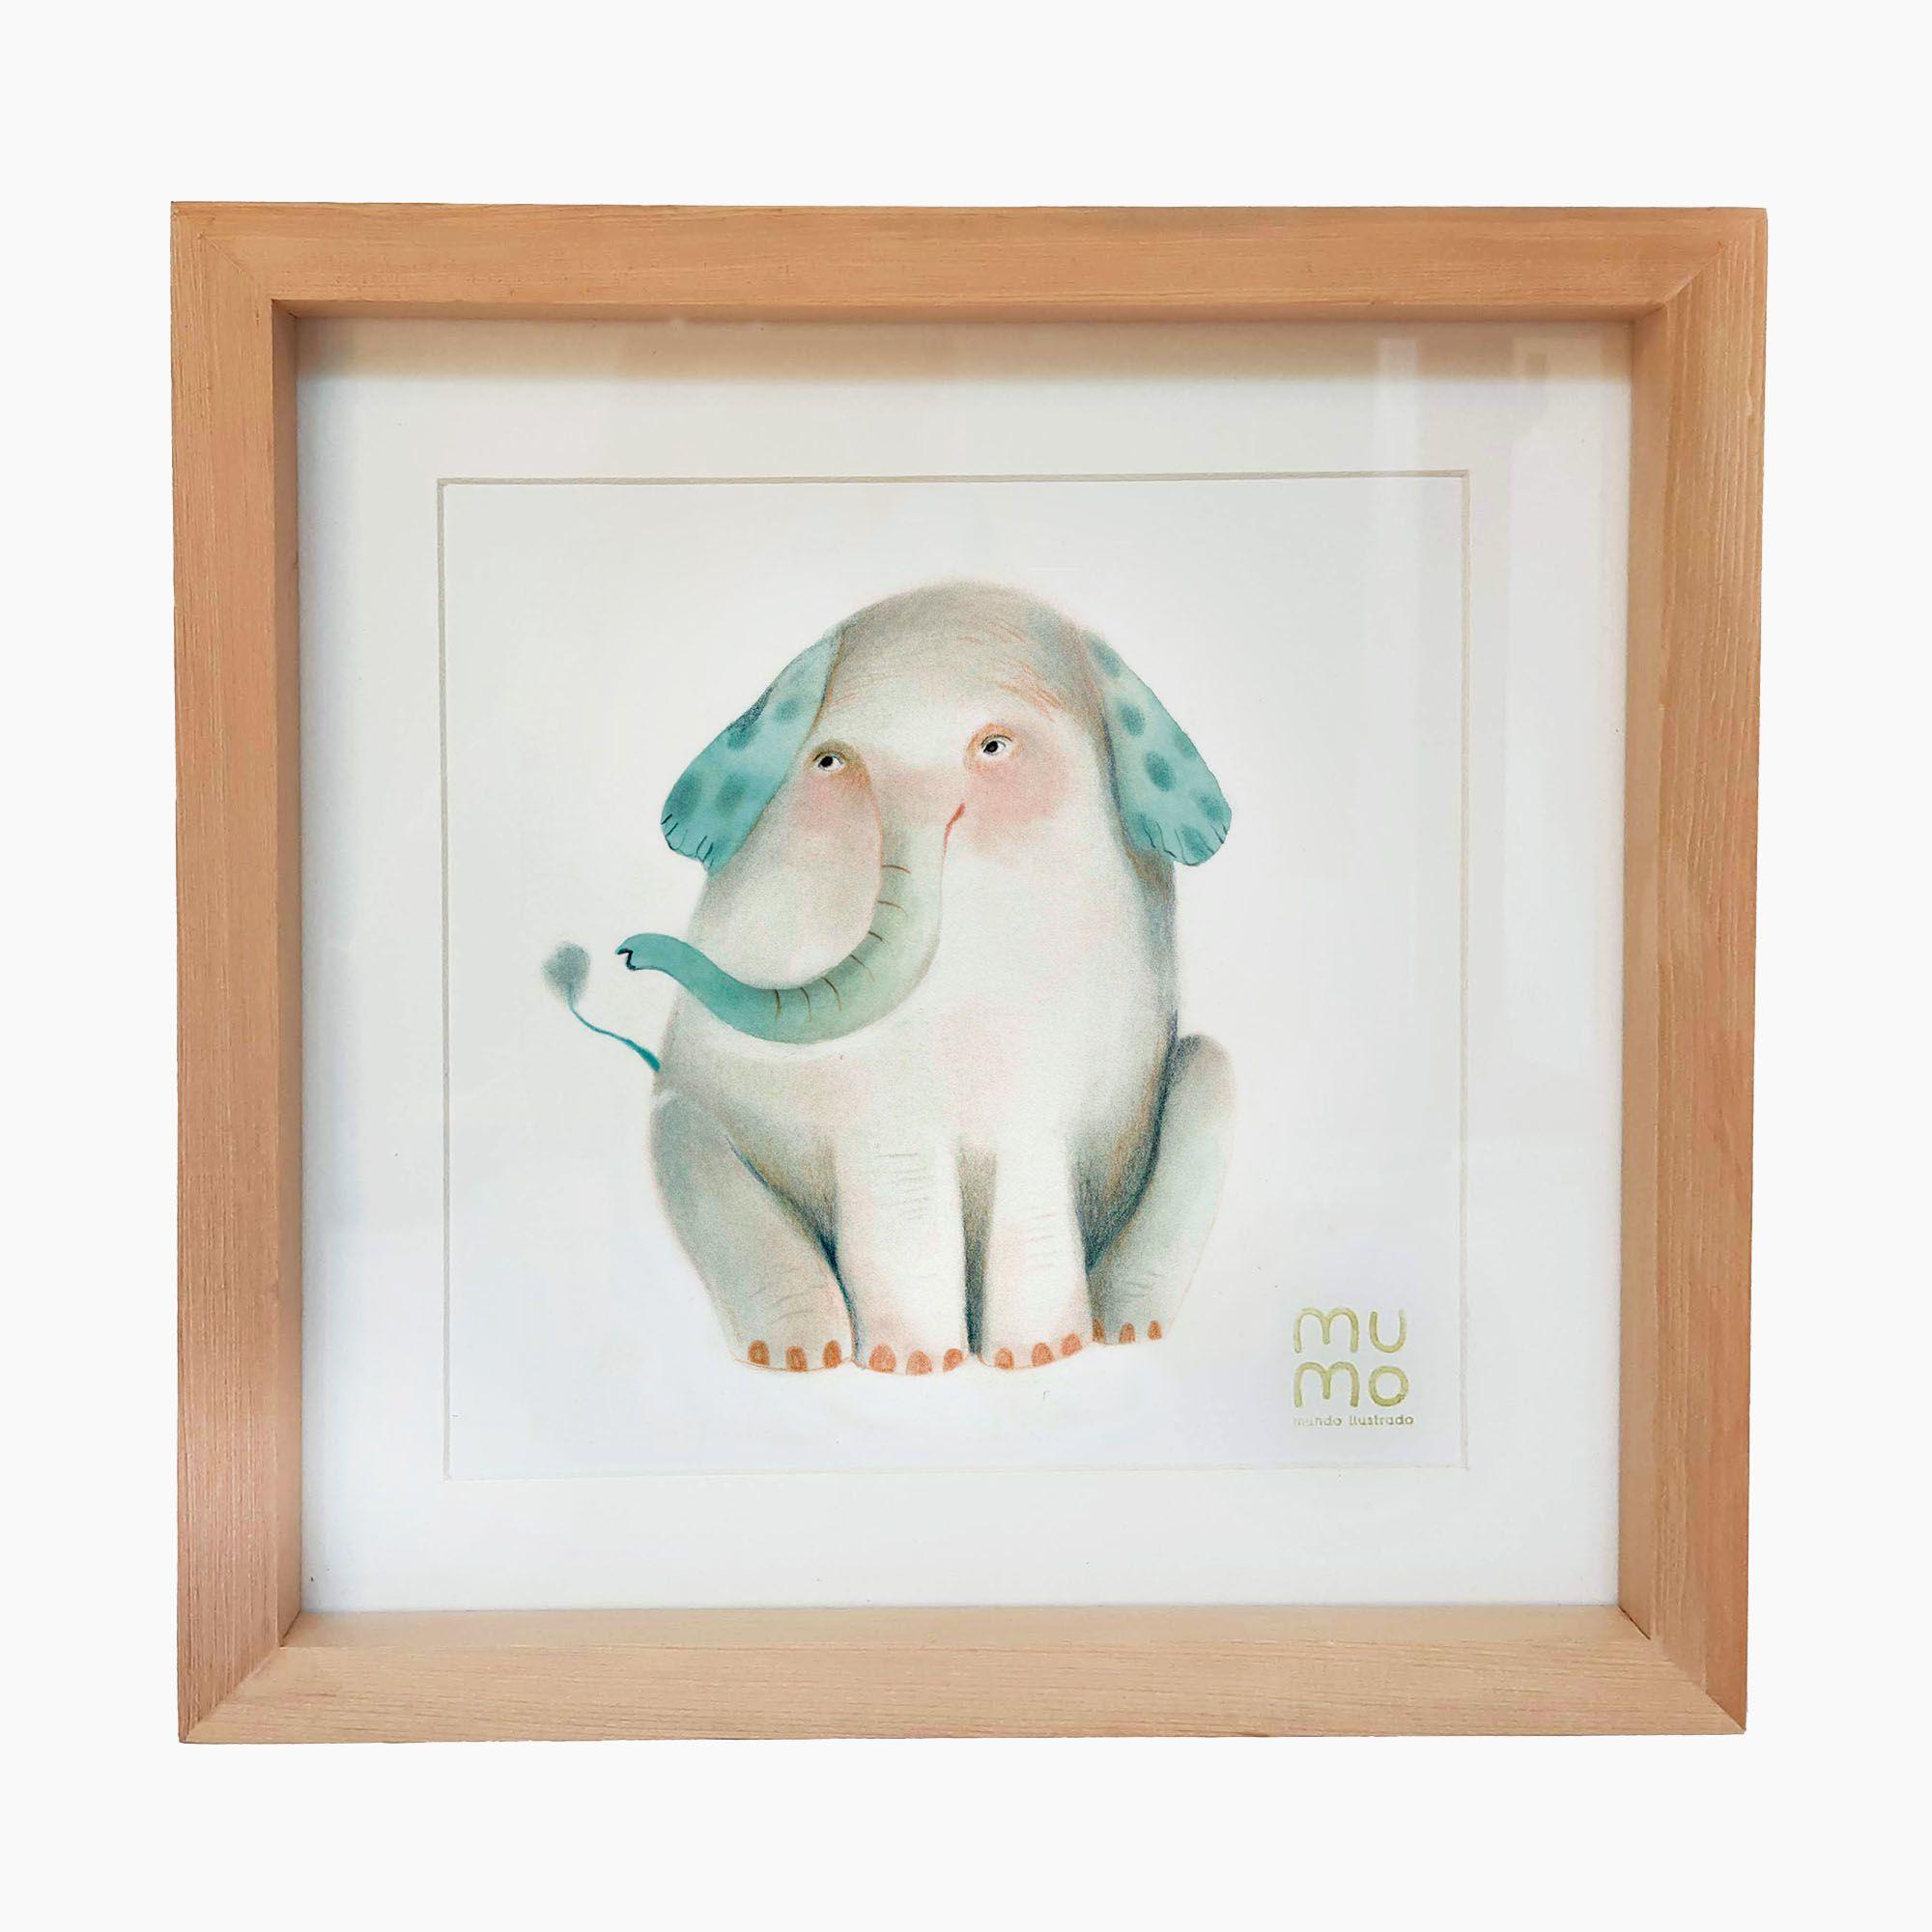 Cuadro Elefante 30 x 30 cms